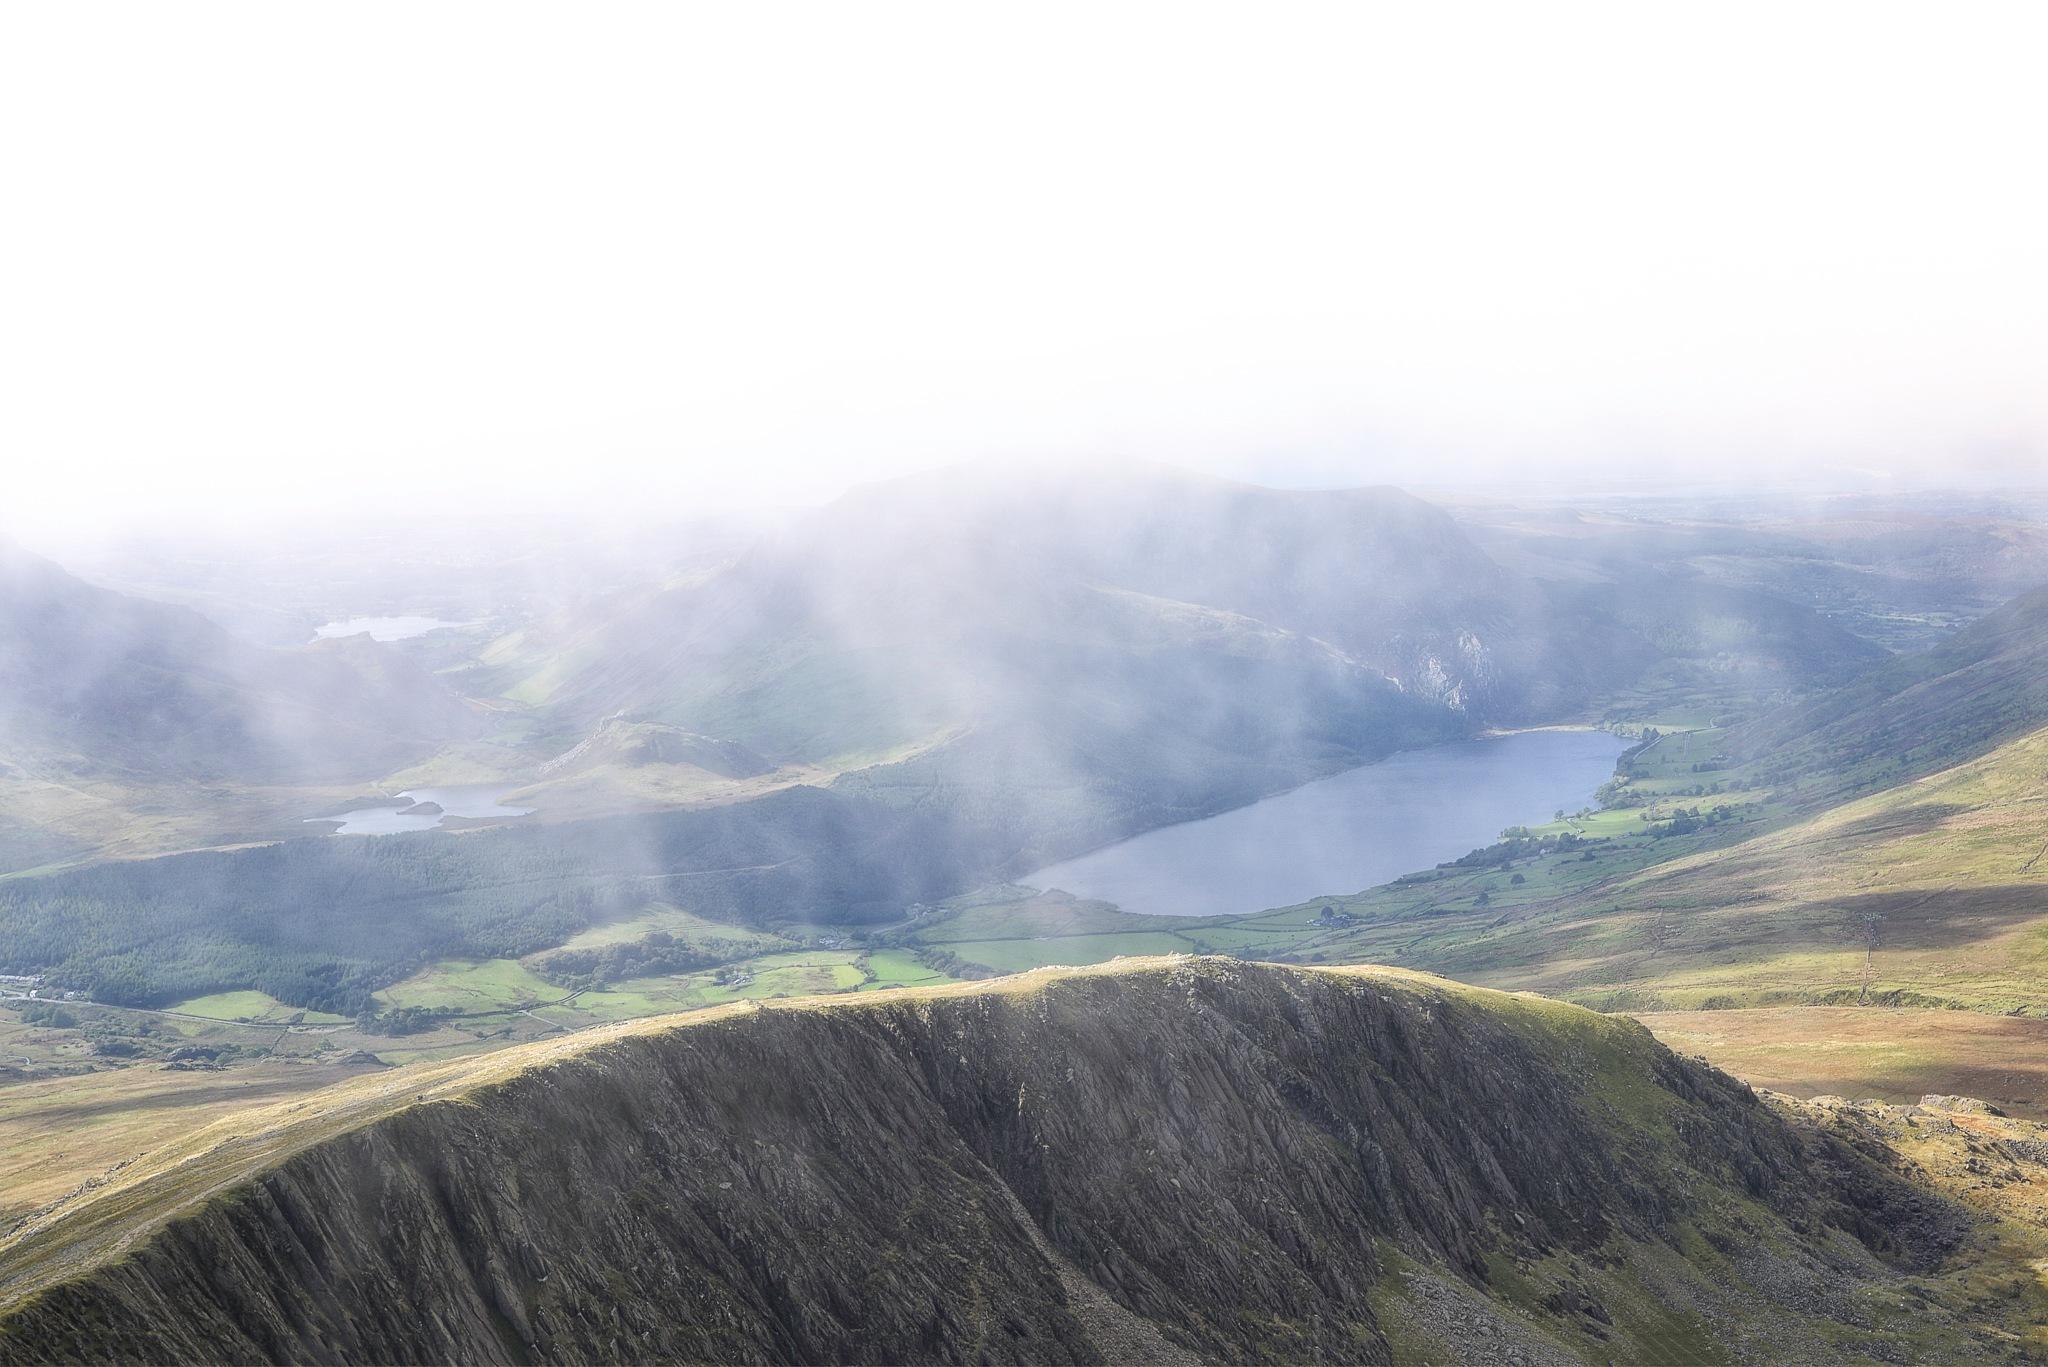 View from Bwlch Cwm Brwynog by Henrik Wanders